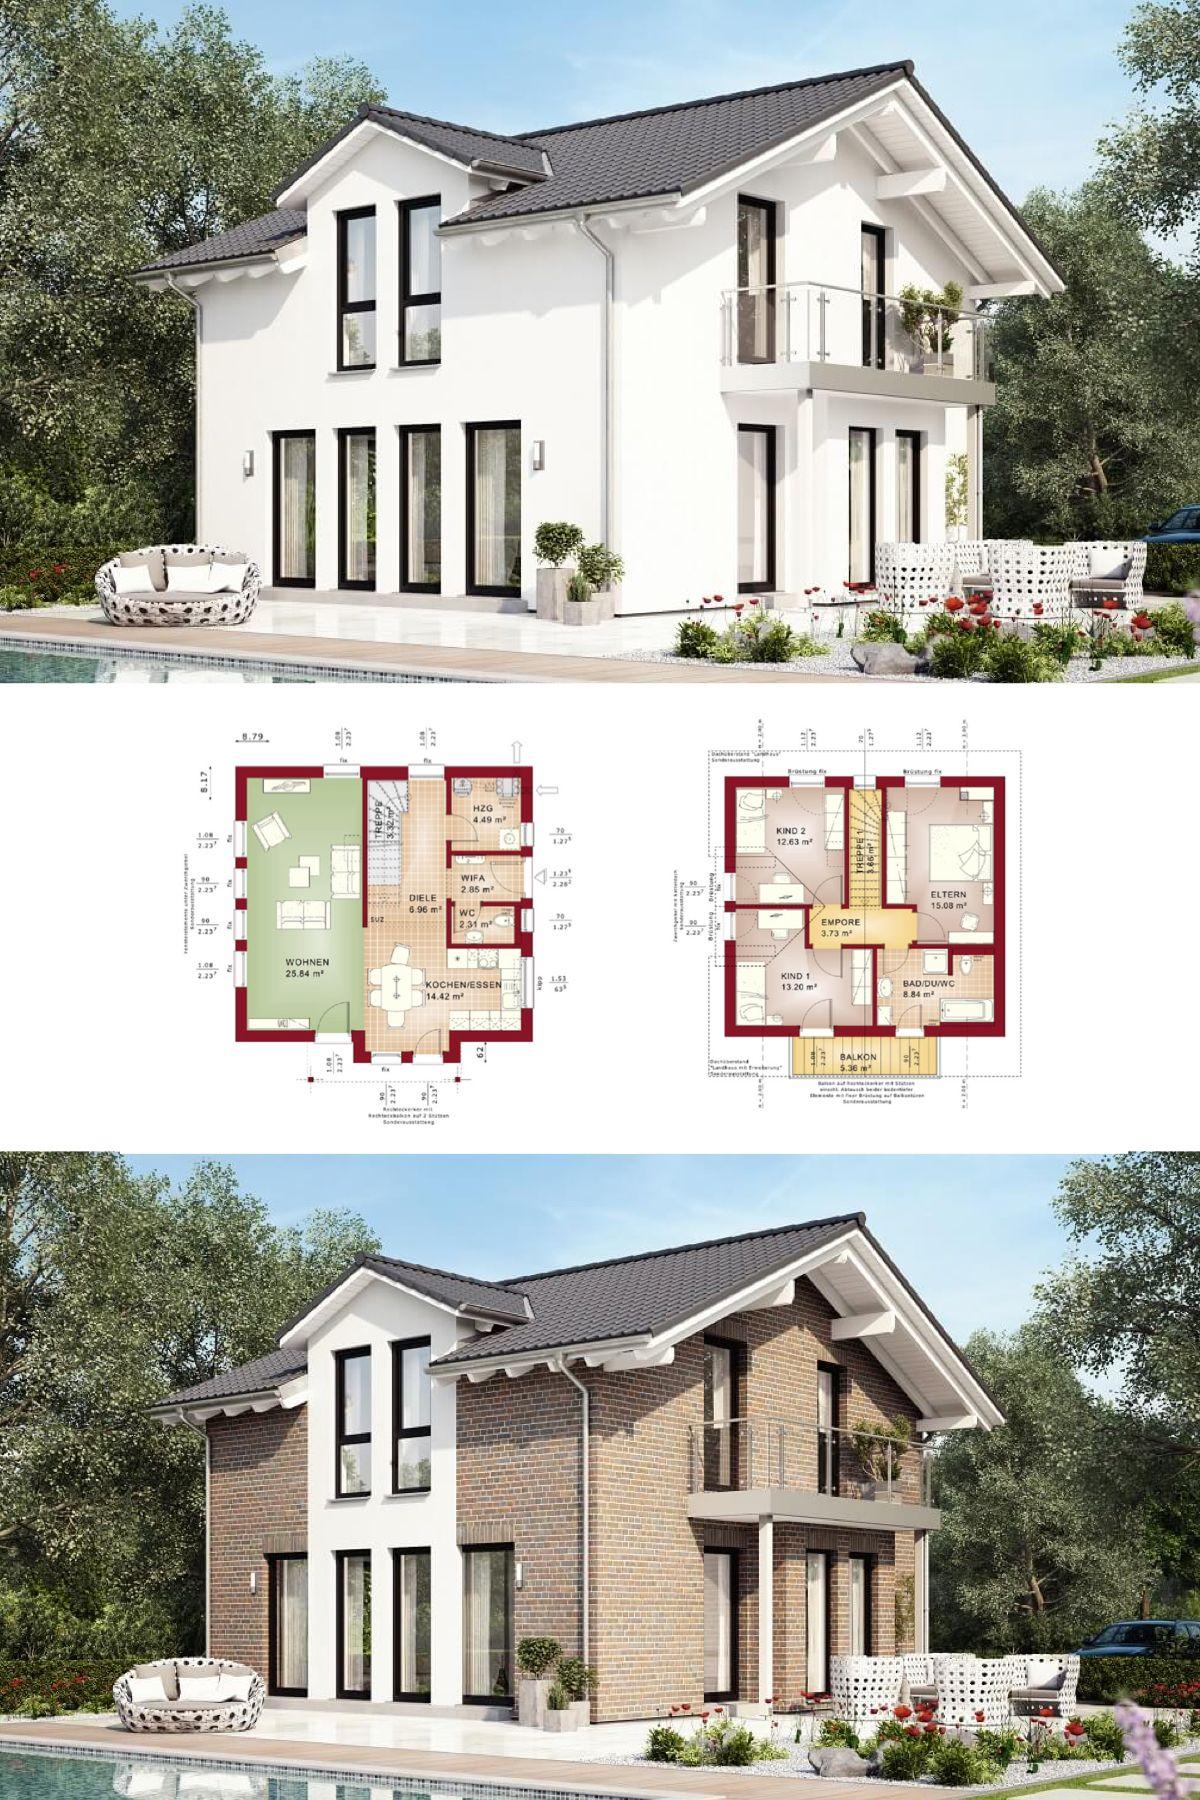 Modernes EINFAMILIENHAUS mit Satteldach * Haus Evolution 116 V2 Bien ...